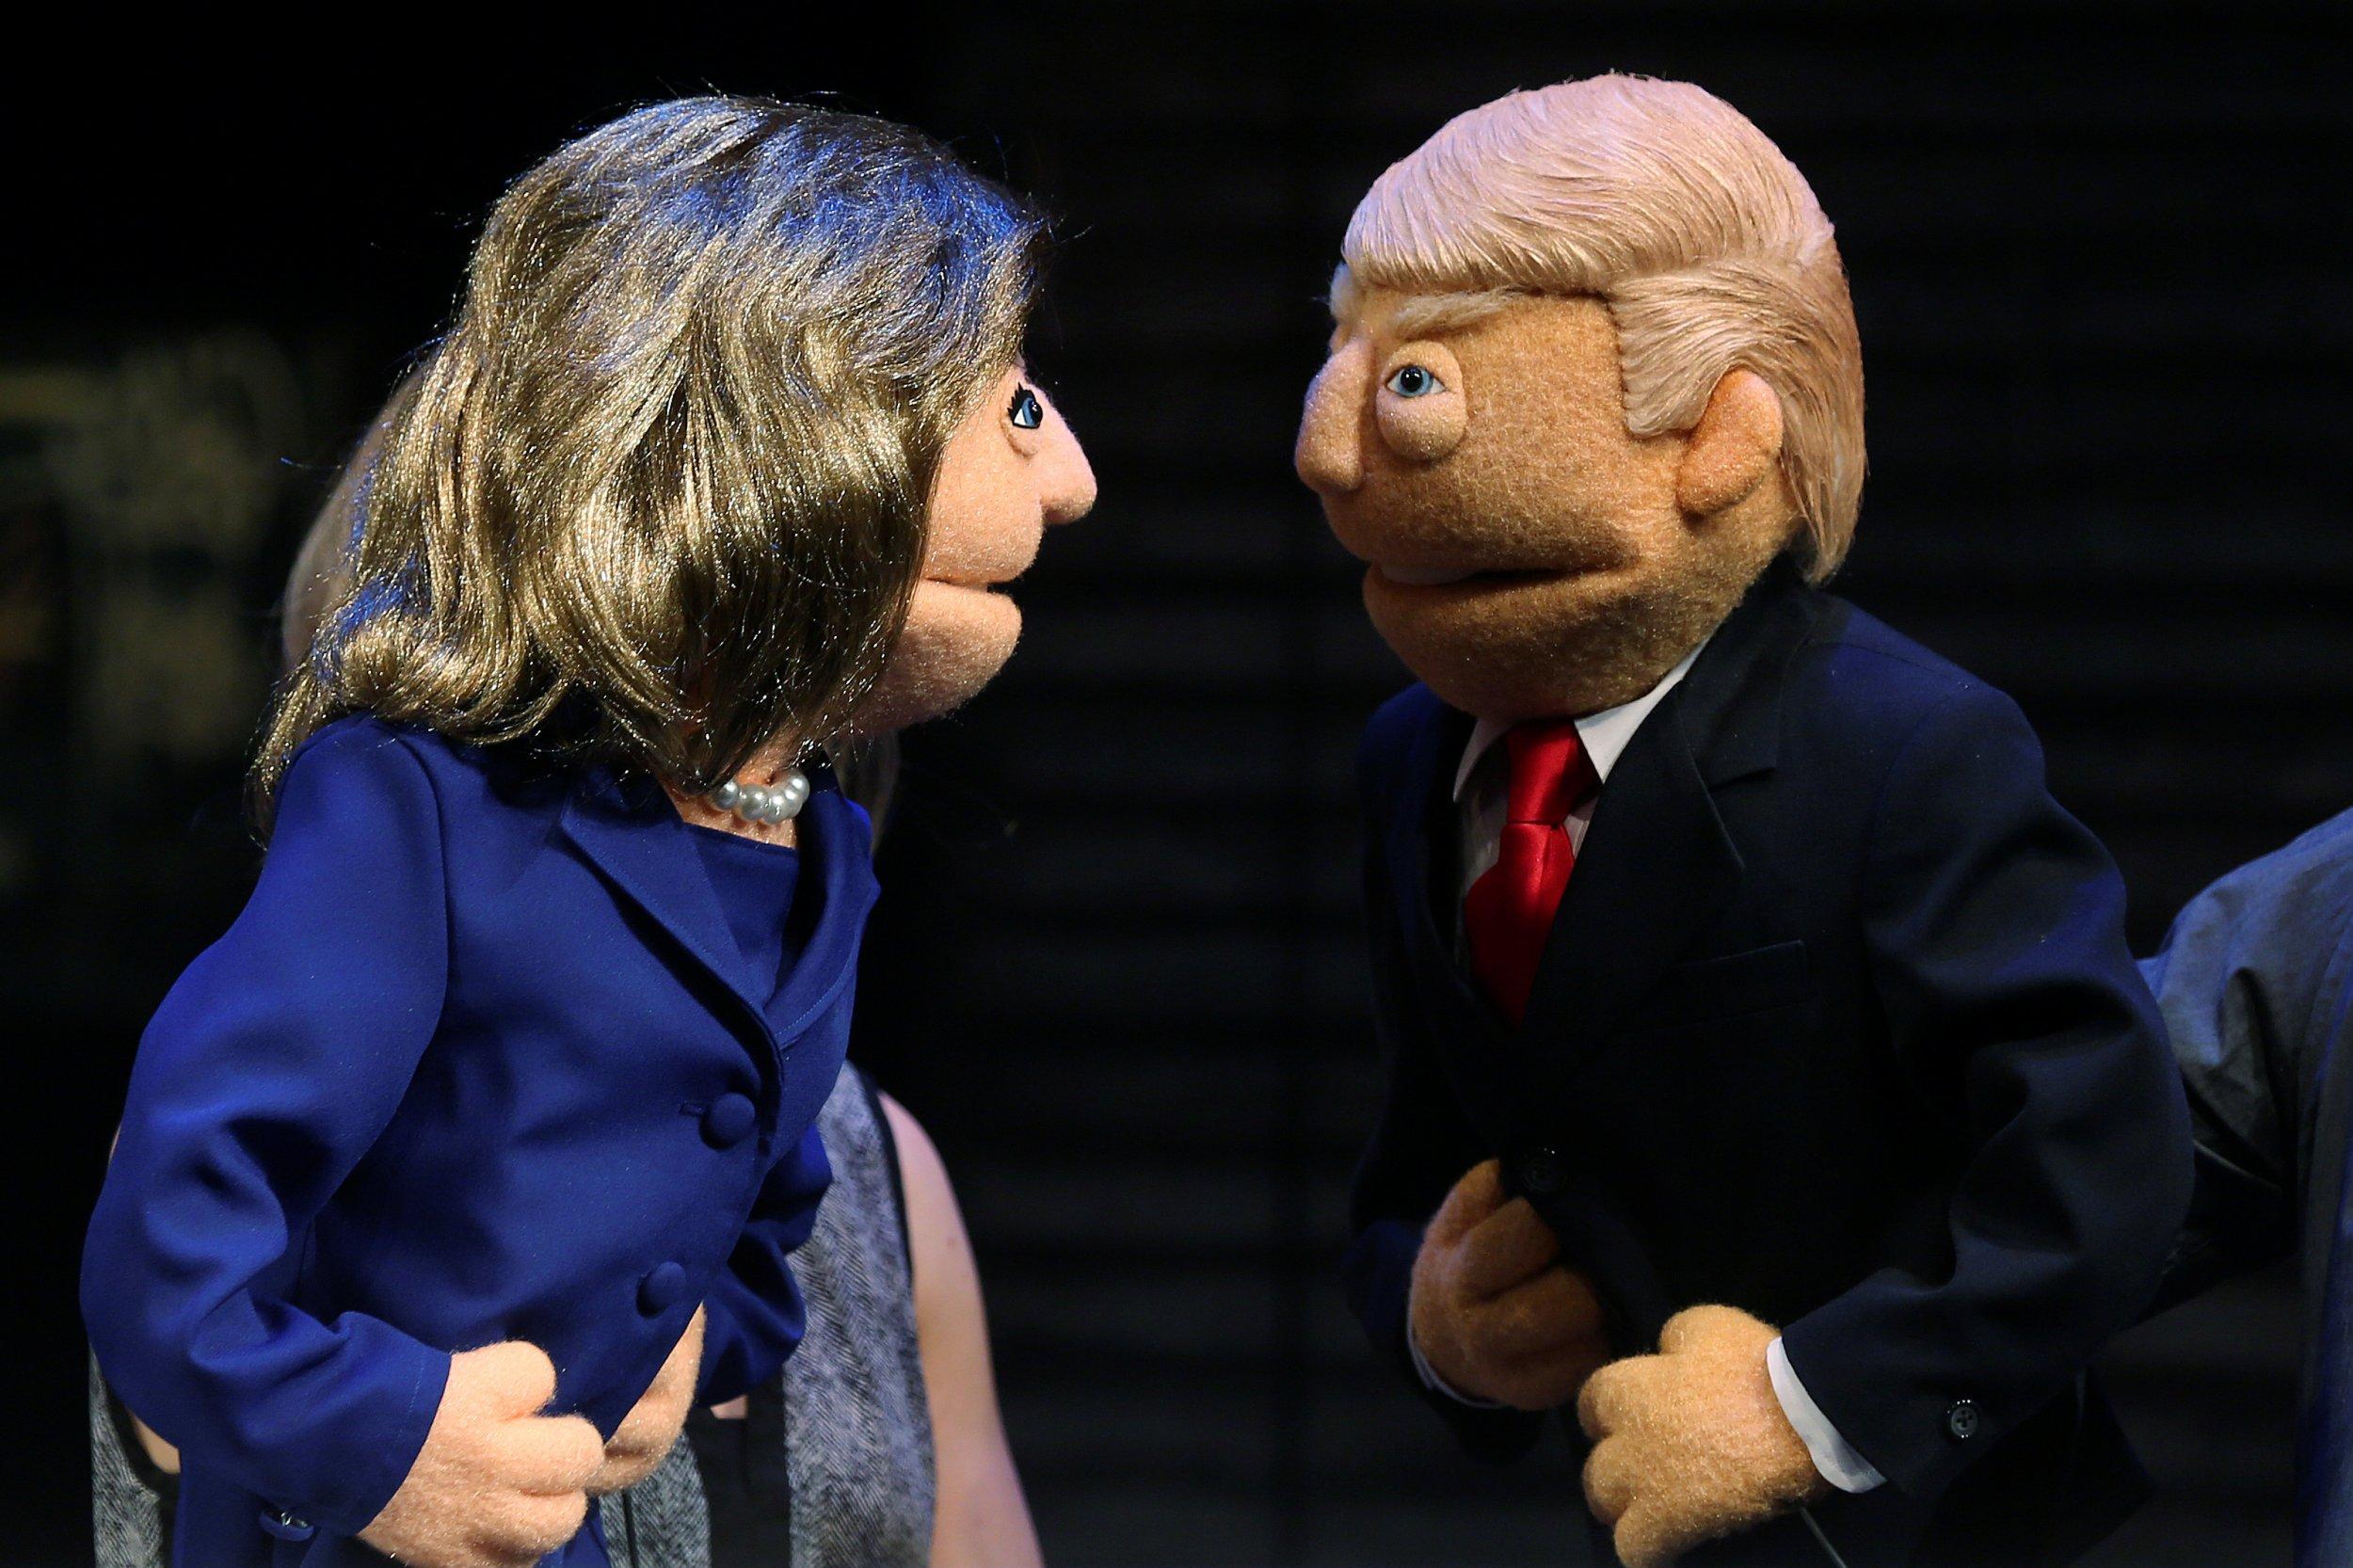 Clinton Trump puppets